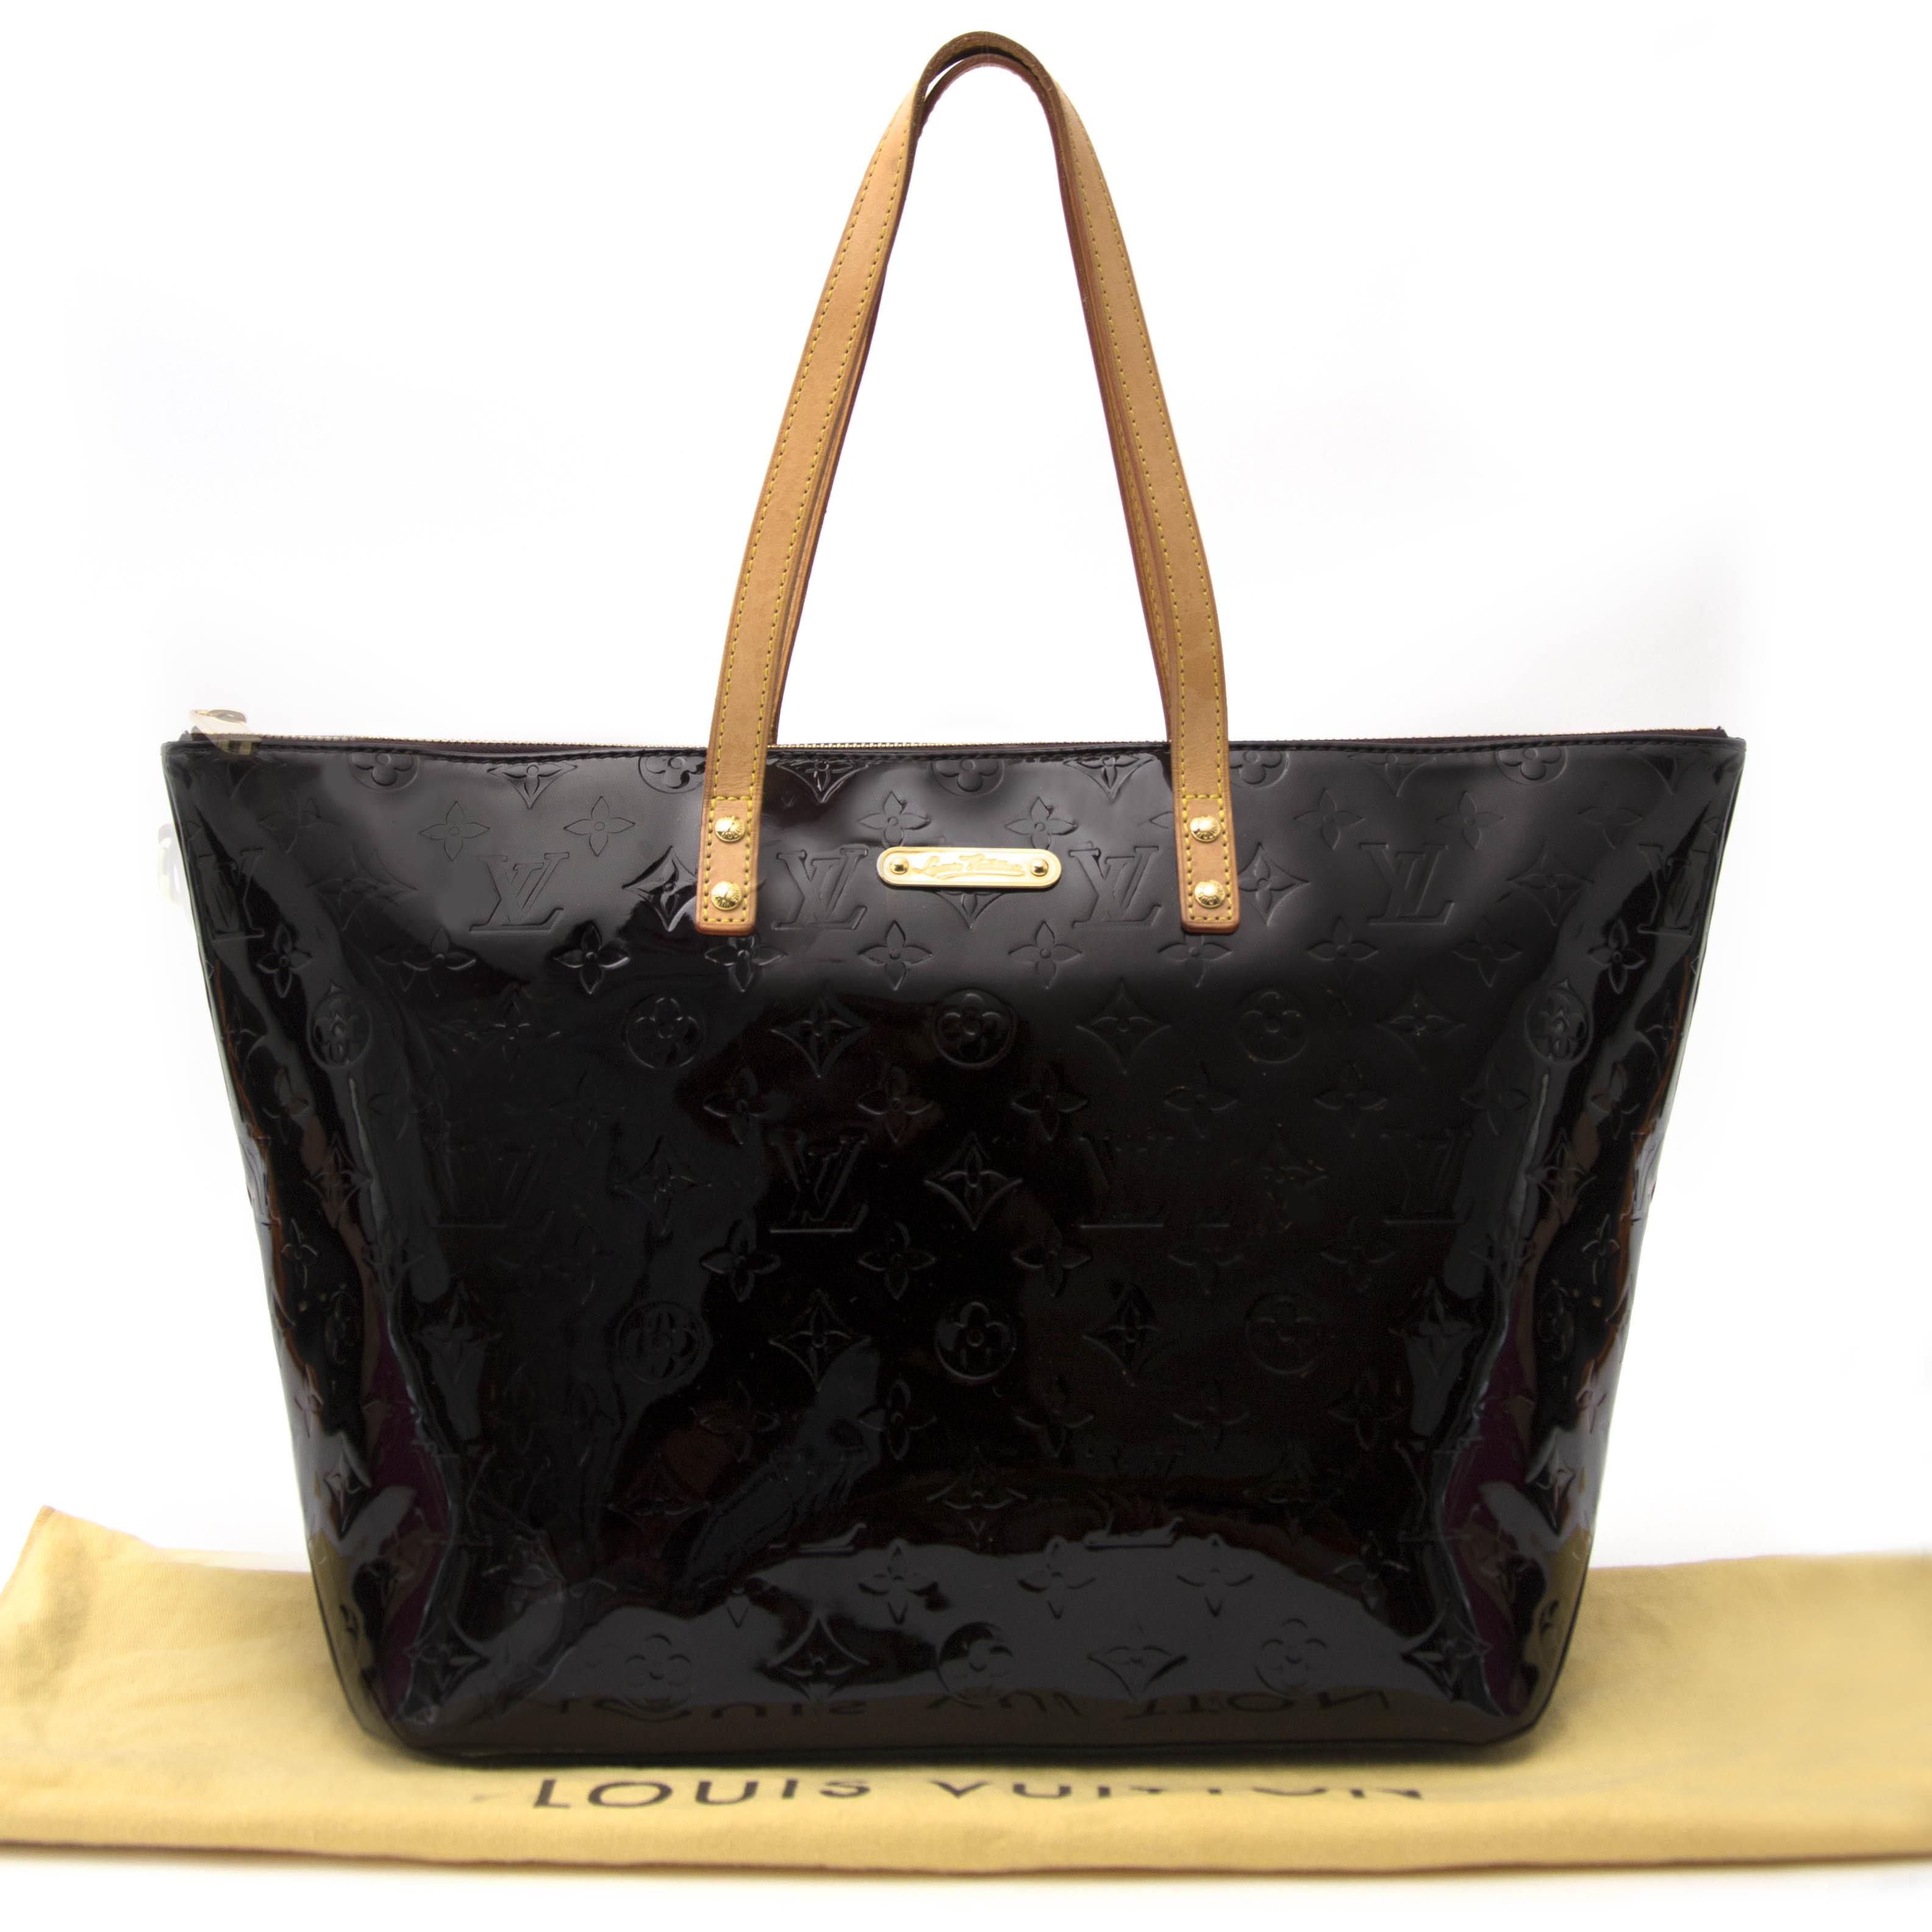 74bcc17125b8 ... Louis Vuitton Amarante Monogram Vernis Bellevue GM Bag online aan de  beste prijs